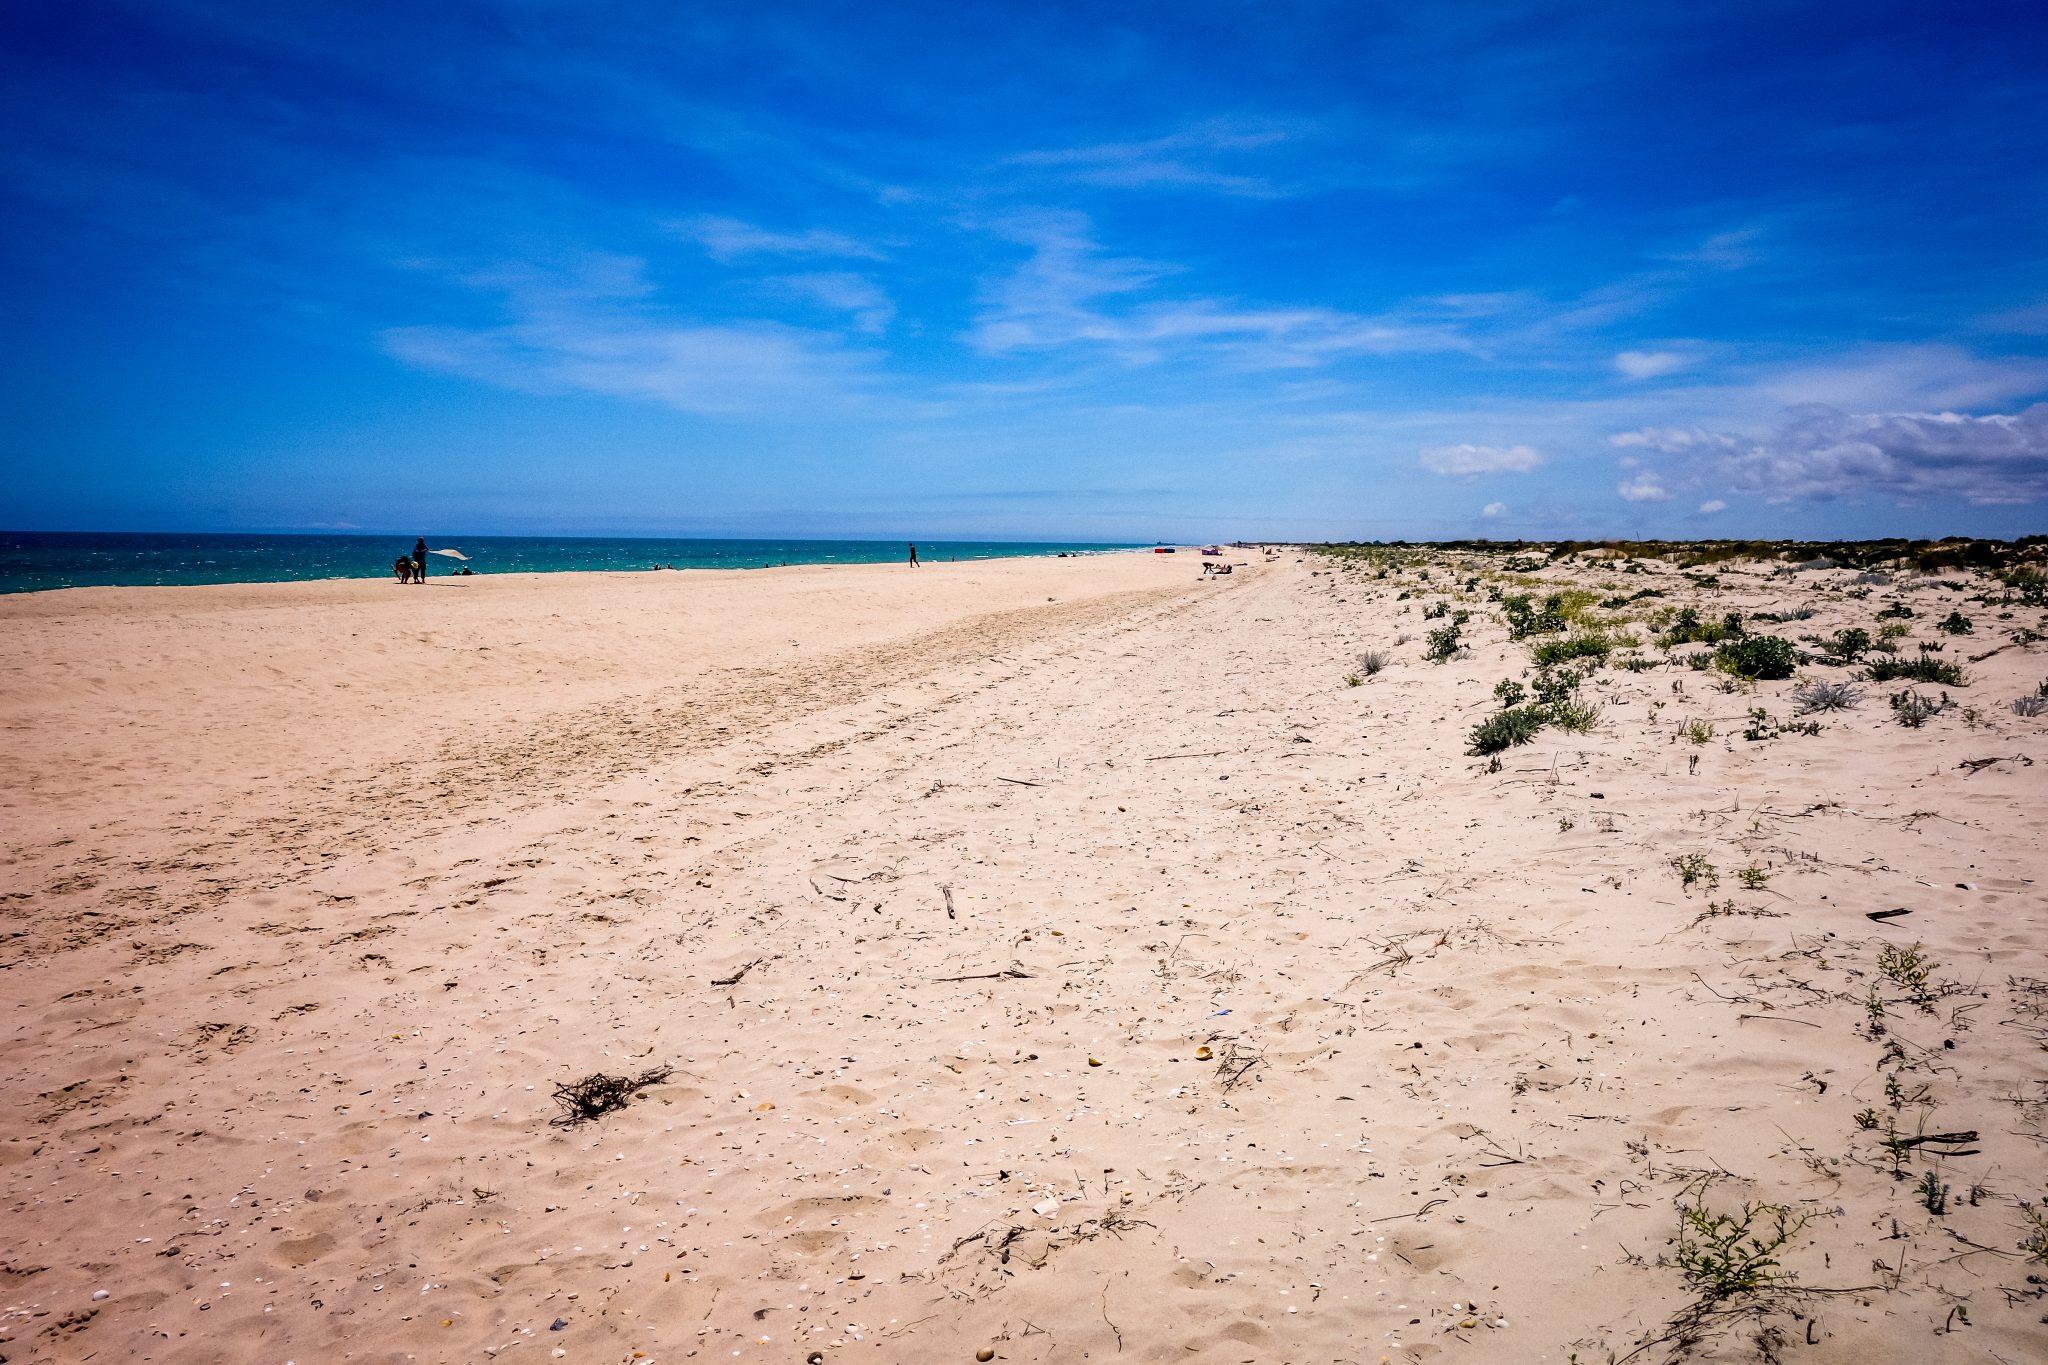 Je länger du läufst, desto weniger Menschen begegnest du. Auf Tavira Island kannst du ca. 10 Kilometer am Strand entlang laufen!